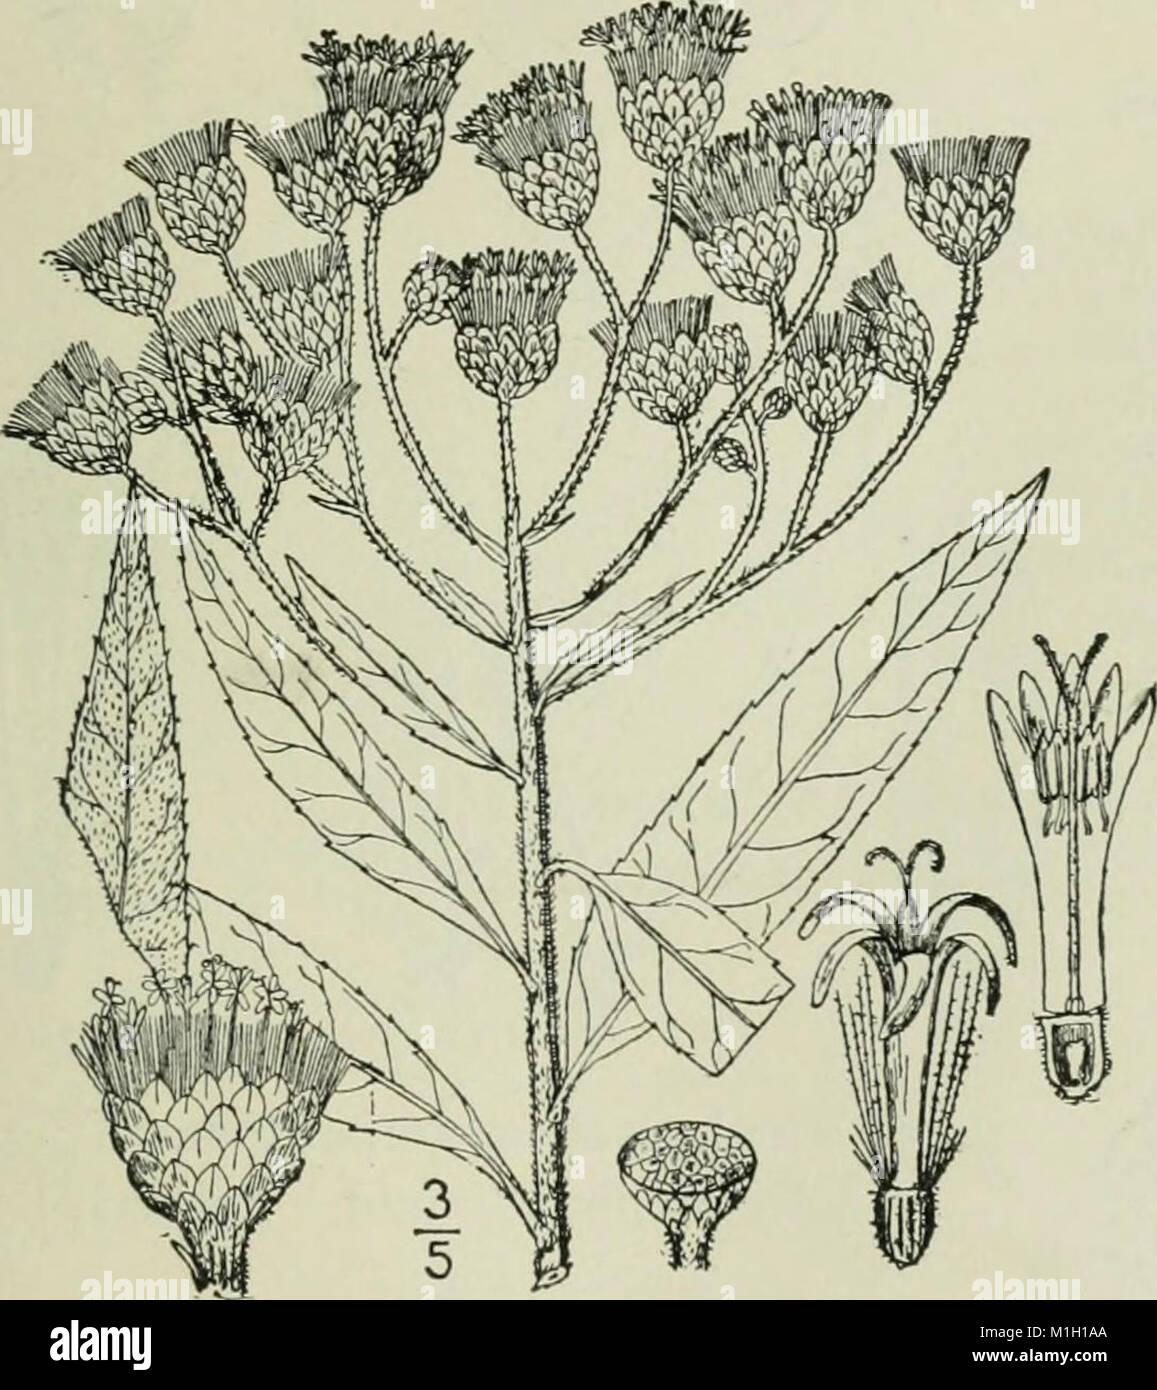 Eine Illustrierte Flora von der nördlichen USA, Kanada und die britischen Besitzungen - von Neufundland zu den Parallelen der südlichen Grenze von Virginia und vom Atlantik westwärts nach (14781691304) Stockfoto